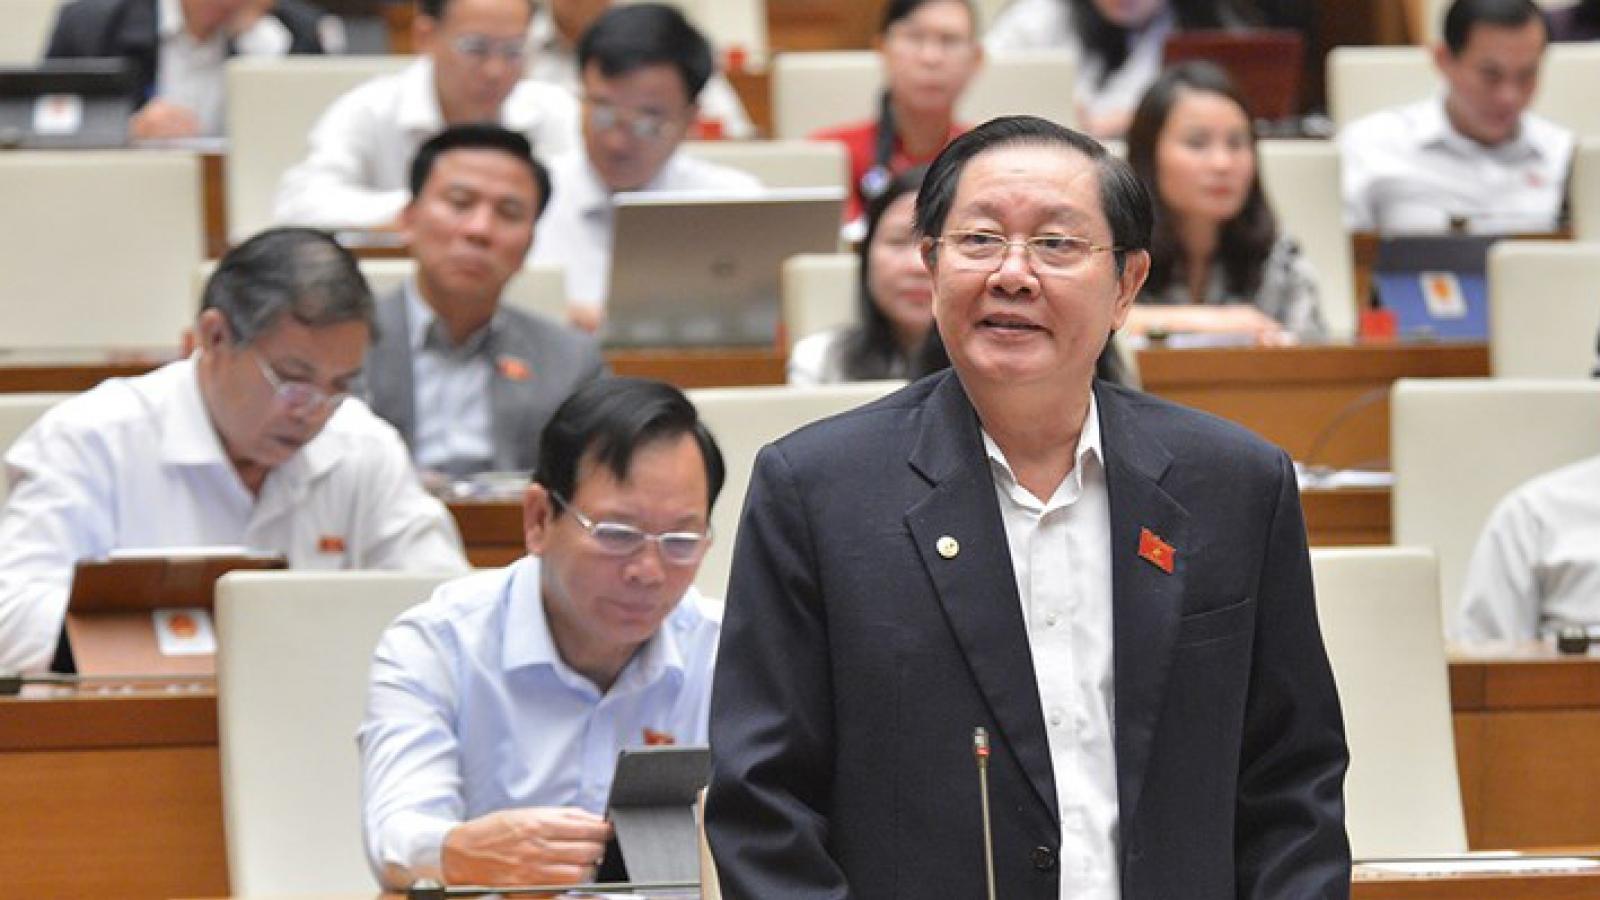 Bộ trưởng Nội vụ: Sẽ xử lý nghiêm công chức vi phạm đạo đức công vụ